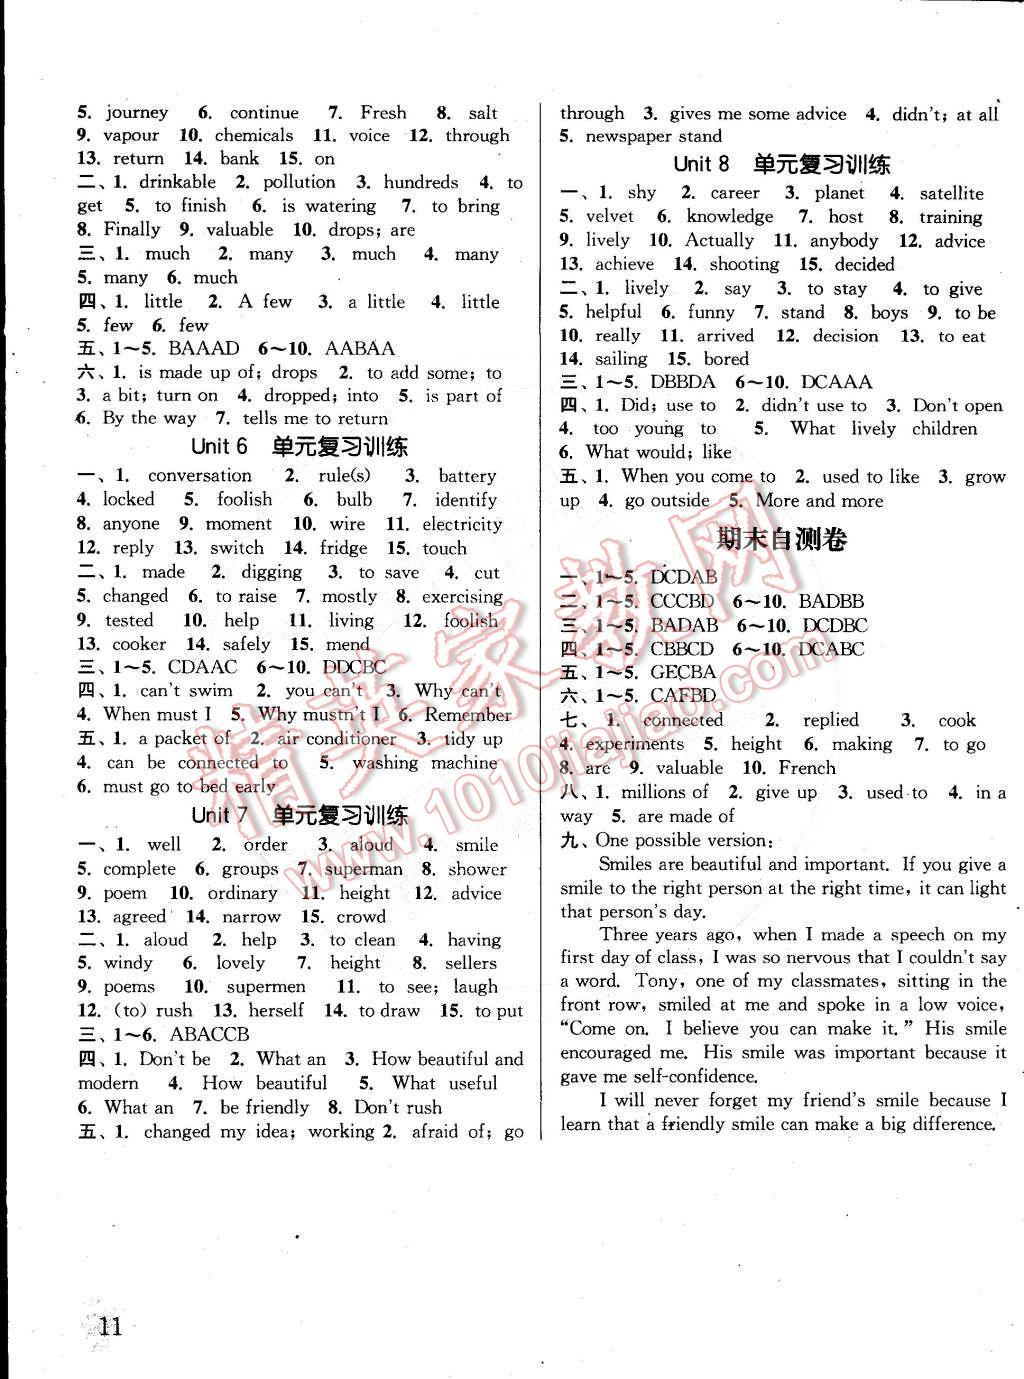 2015年通城学典课时作业本七年级英语下册上海牛津版第11页